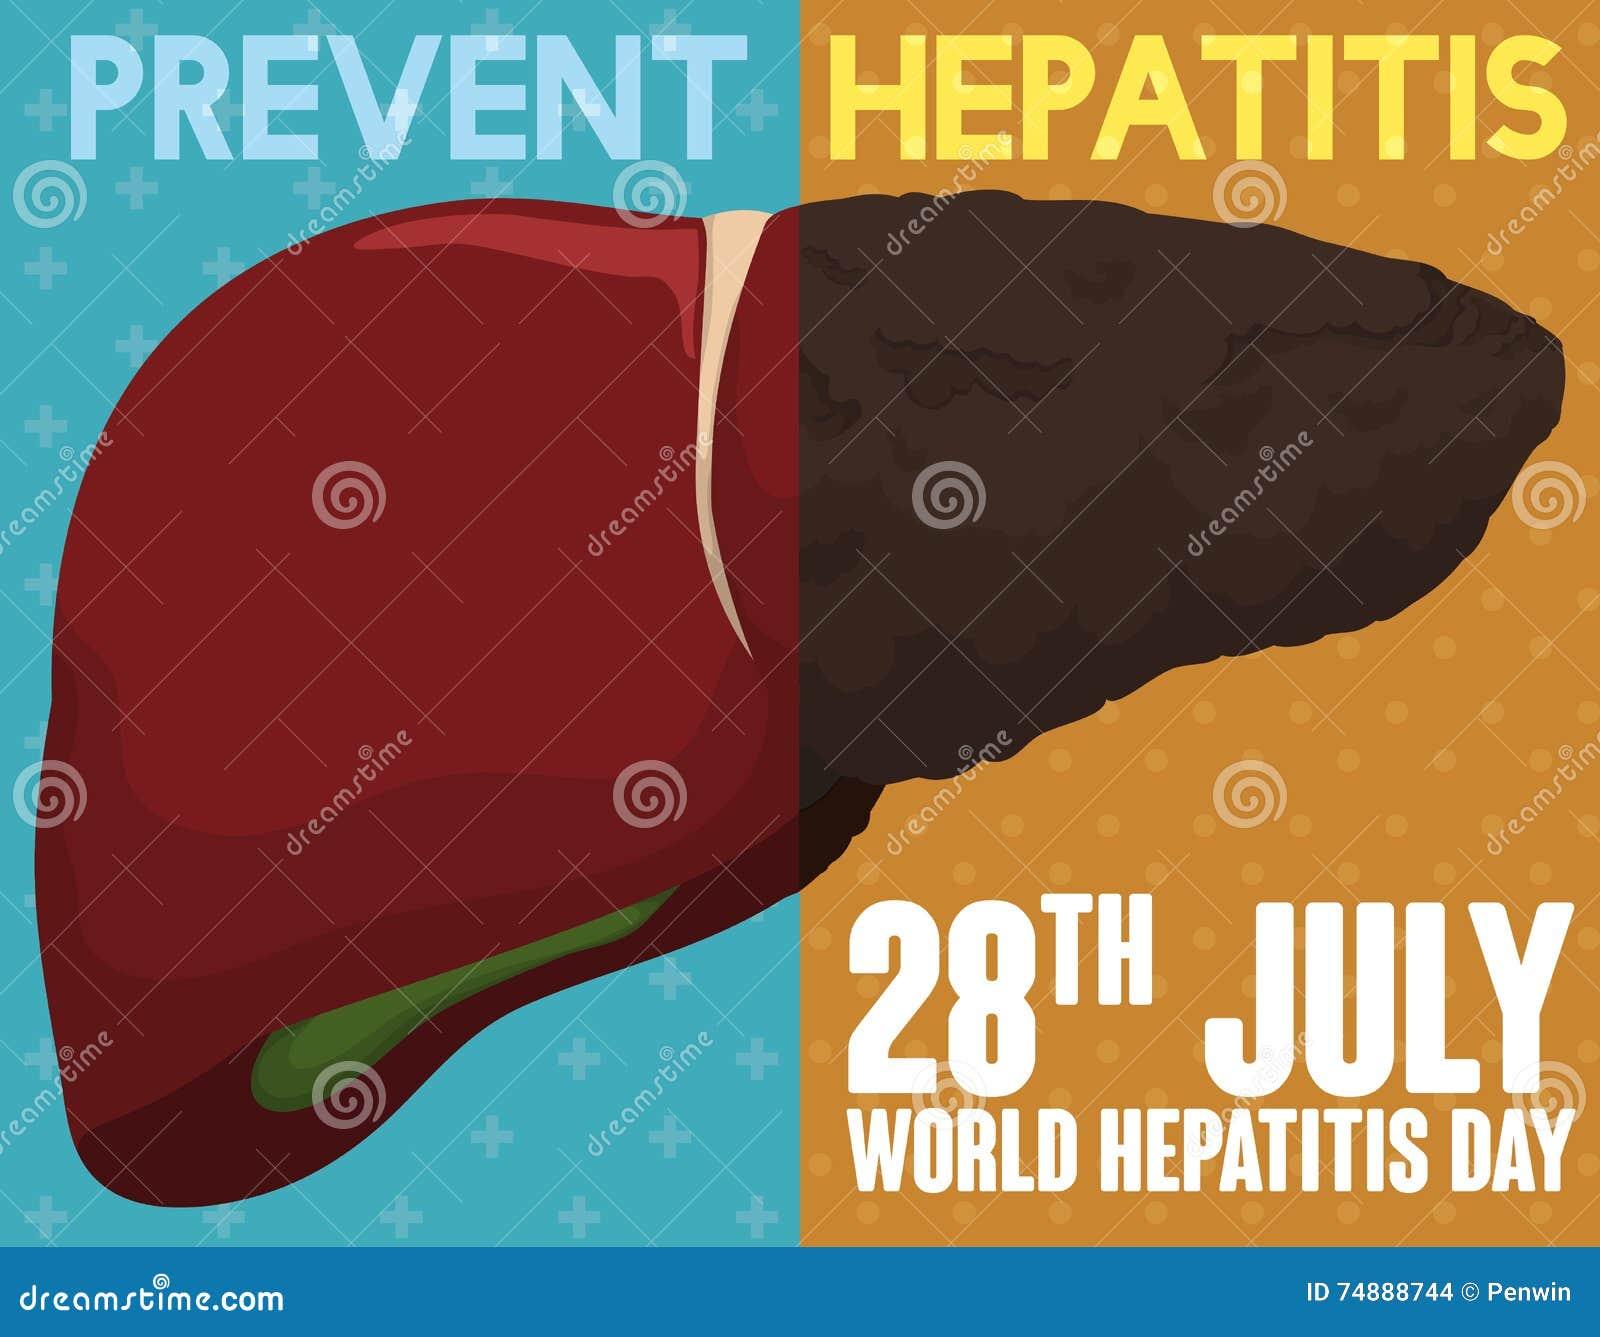 Aktion som främjar bra och sunda vanor för lever mot hepatit, vektorillustration